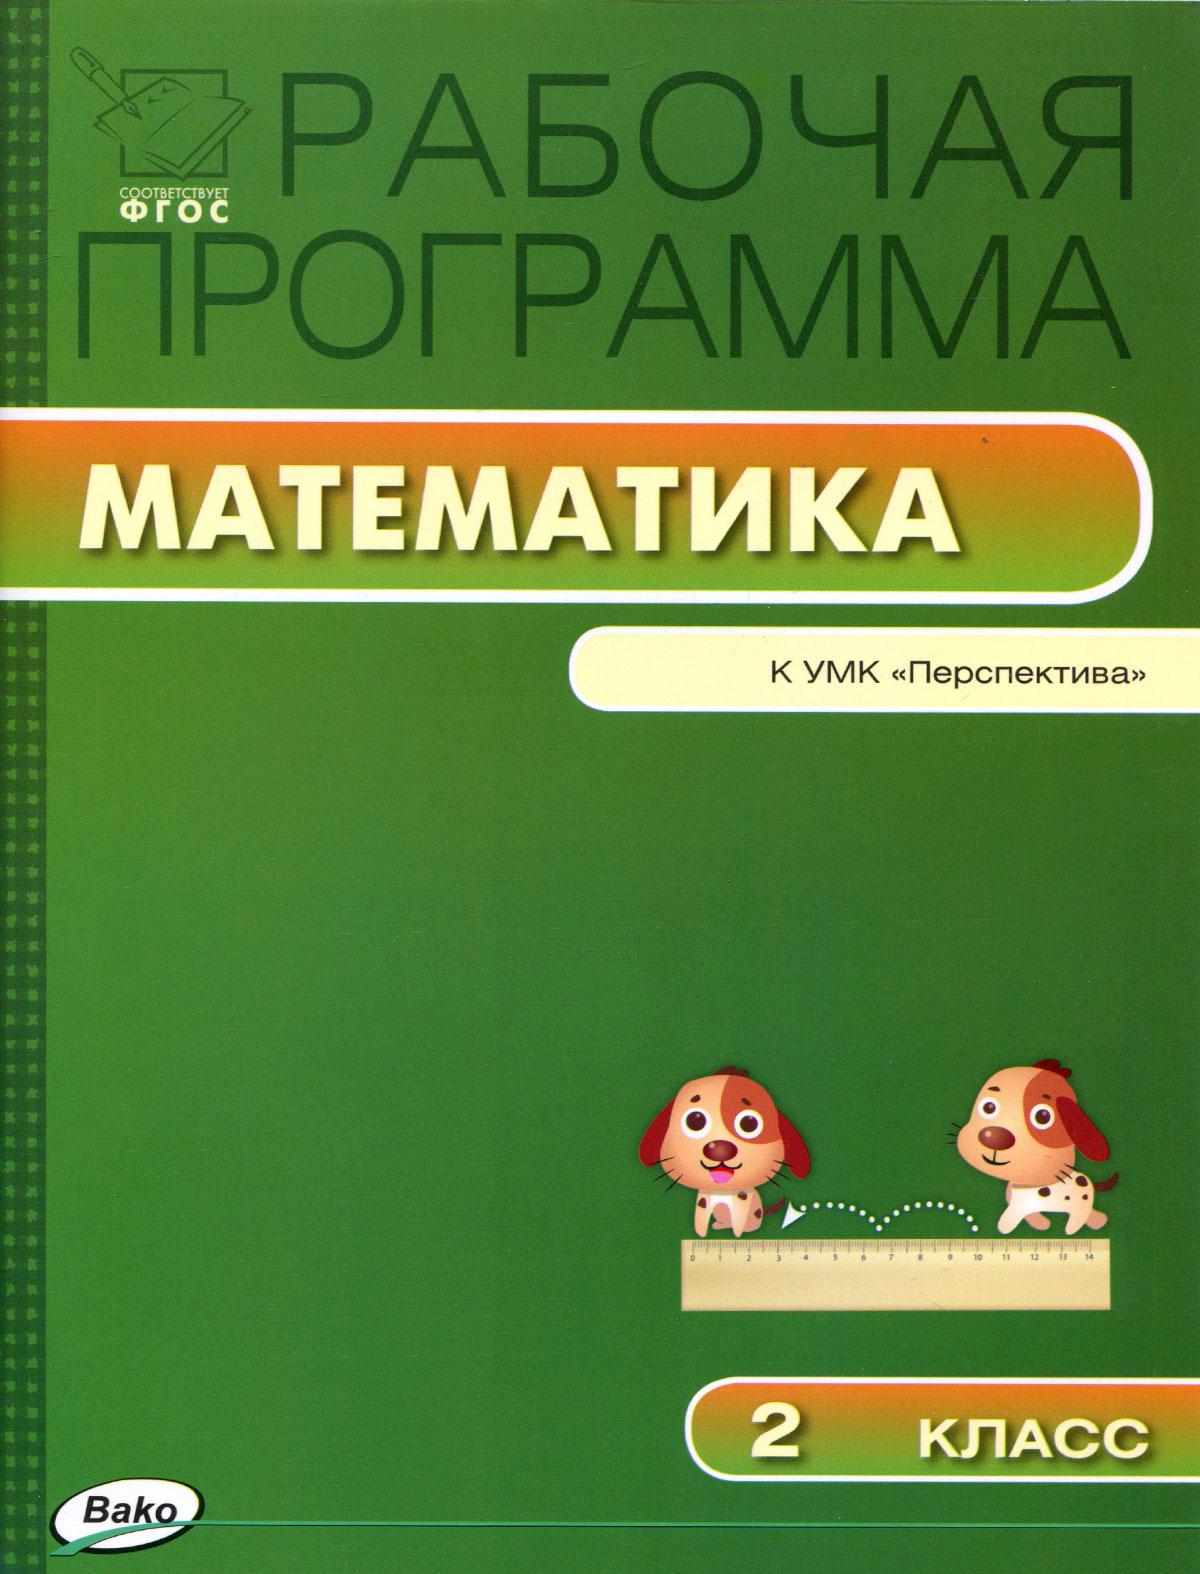 Математика. 2 класс. Рабочая программа к УМК Г. В. Дорофеева и др.